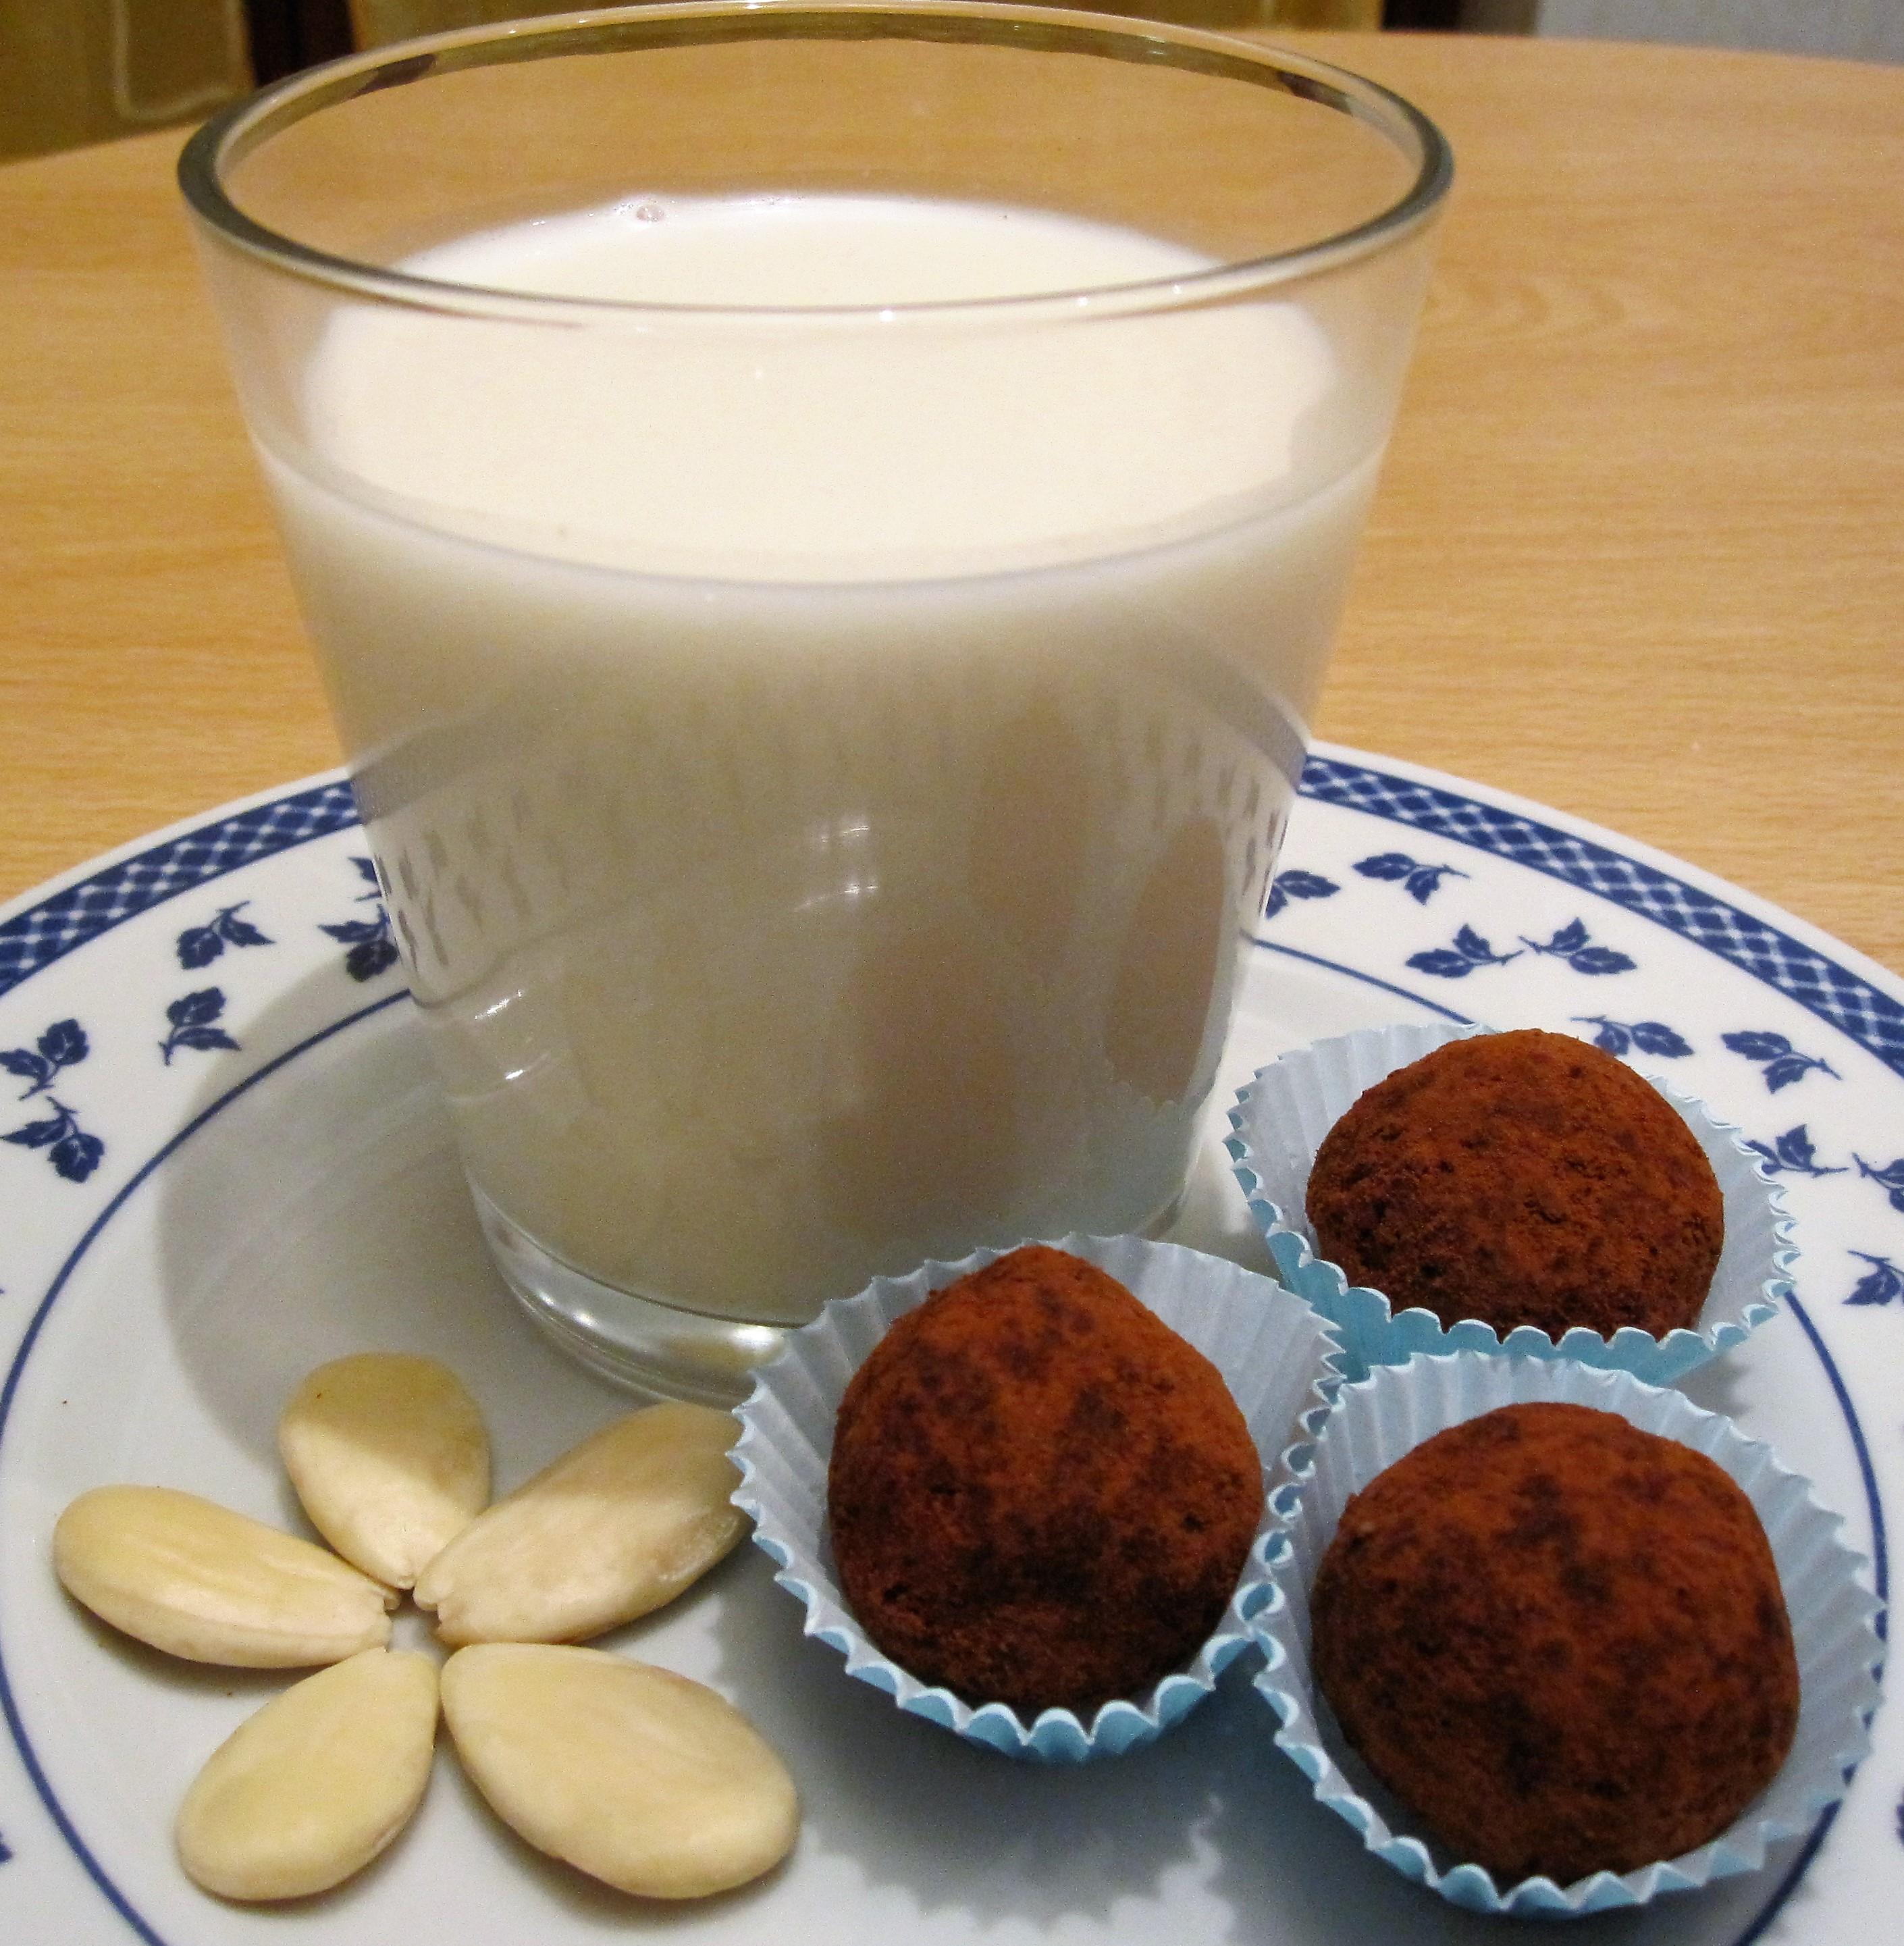 """17fb049455 Secondo Coldiretti le vendite di bevande vegetali (comunemente conosciute  come """"latte vegetale"""") sono aumentate del 27% nel 2015 e il trend è ancora  in ..."""